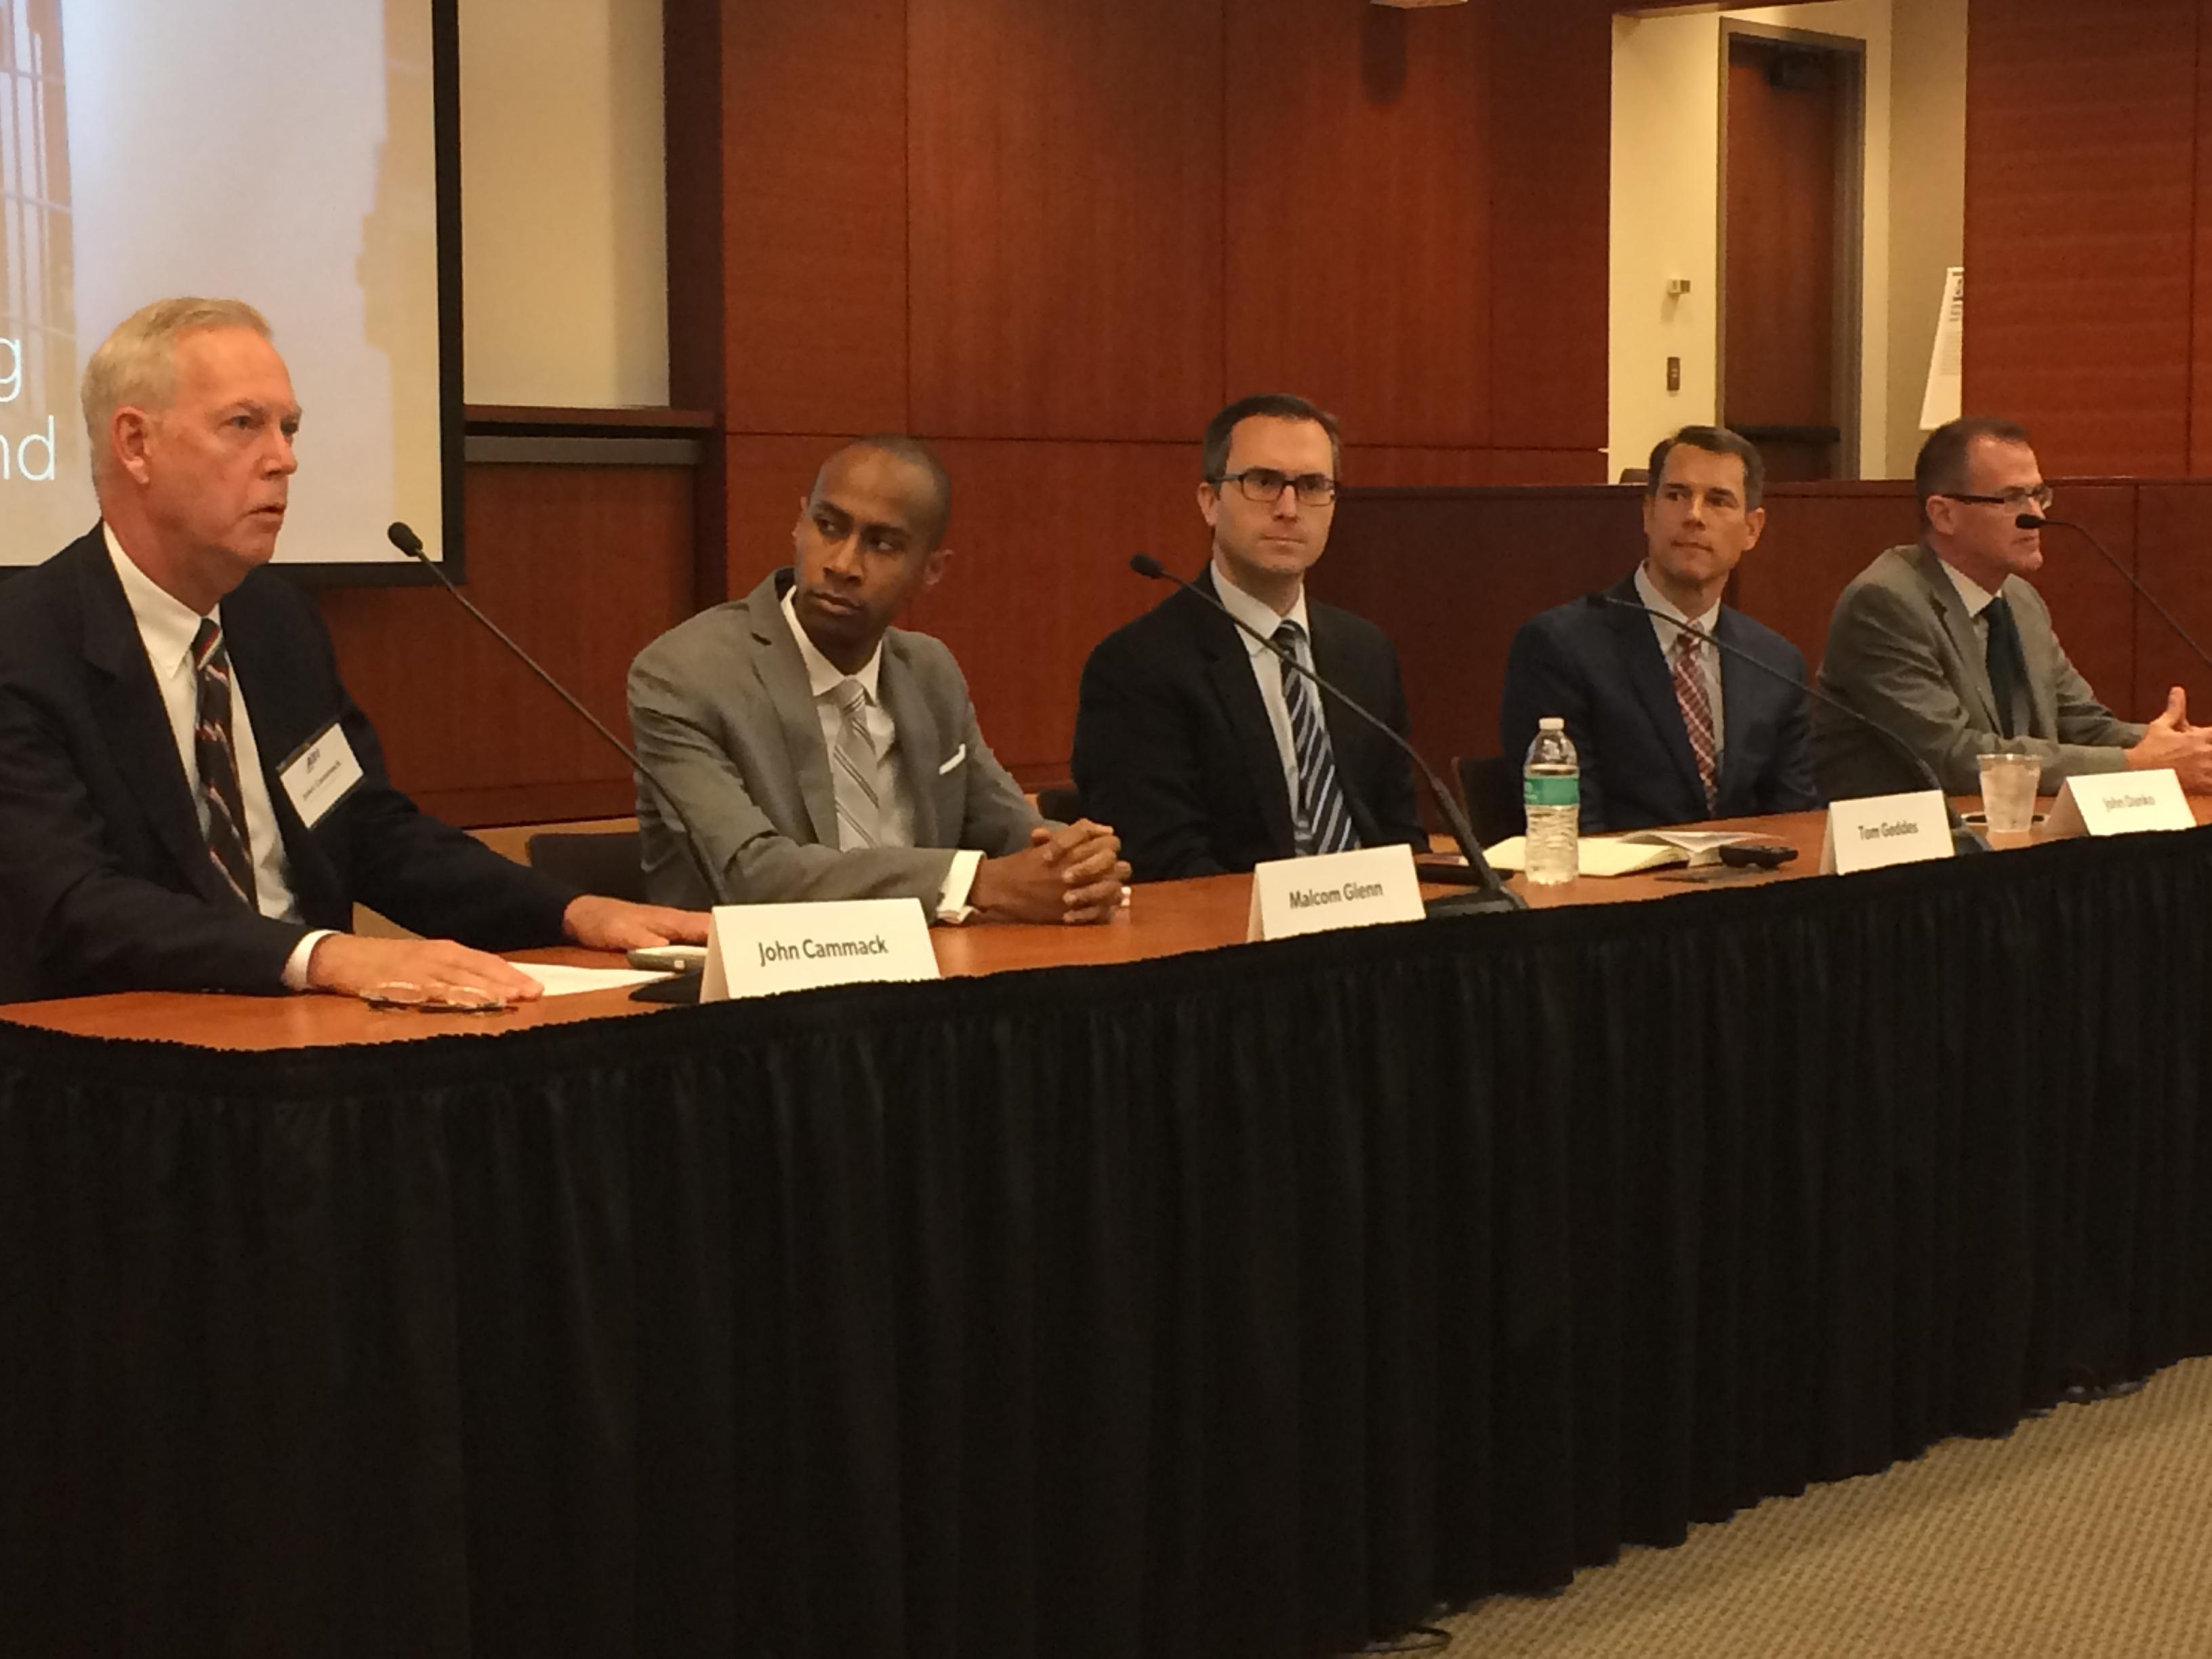 At MD criminal justice reform panel